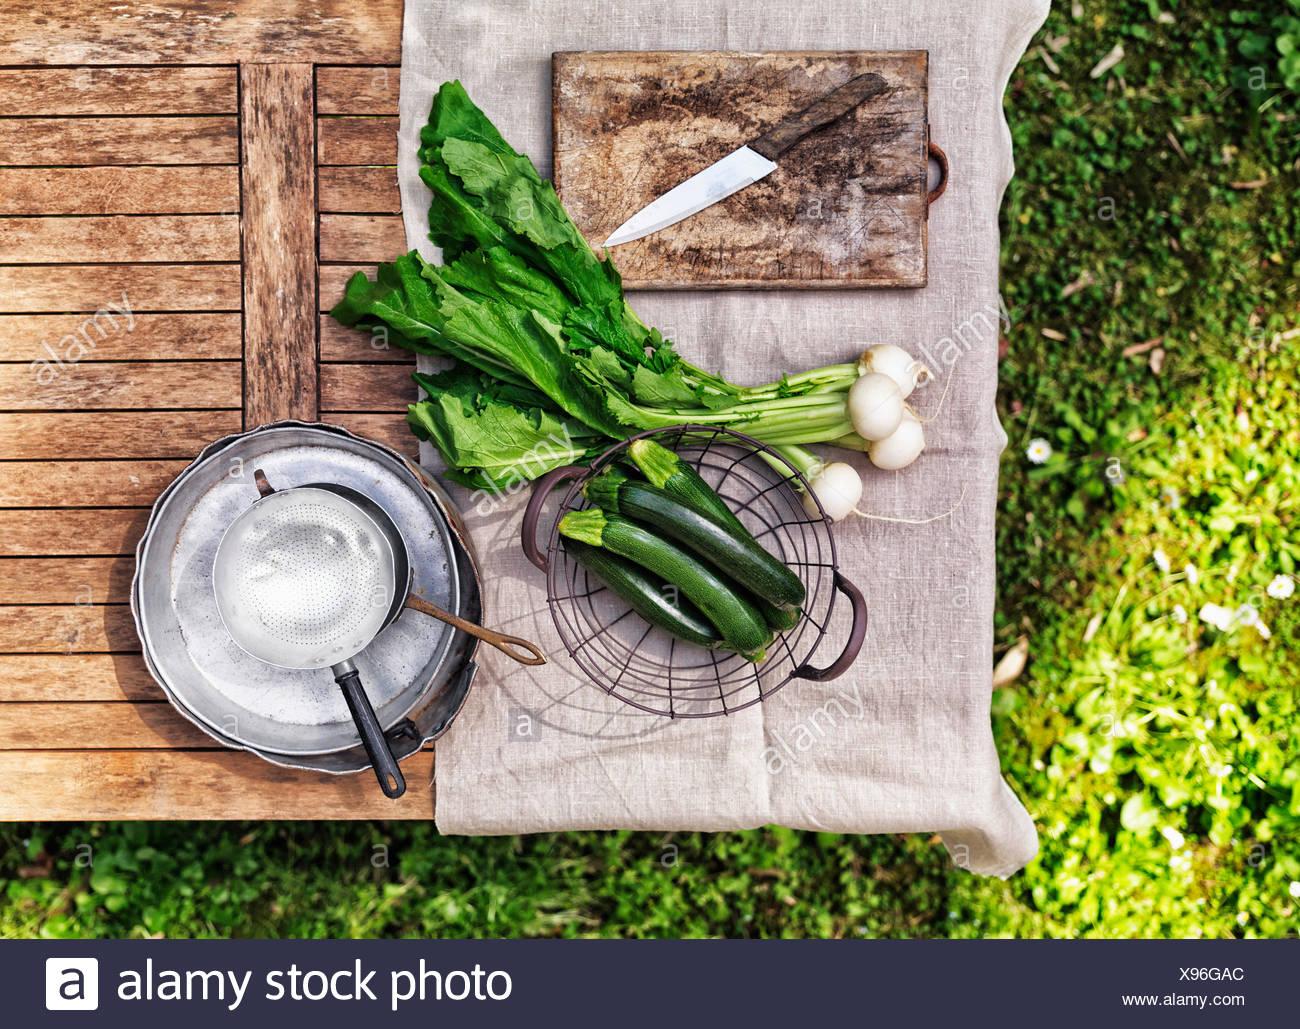 La rapa bianca e zucchine su un tavolo in giardino Immagini Stock